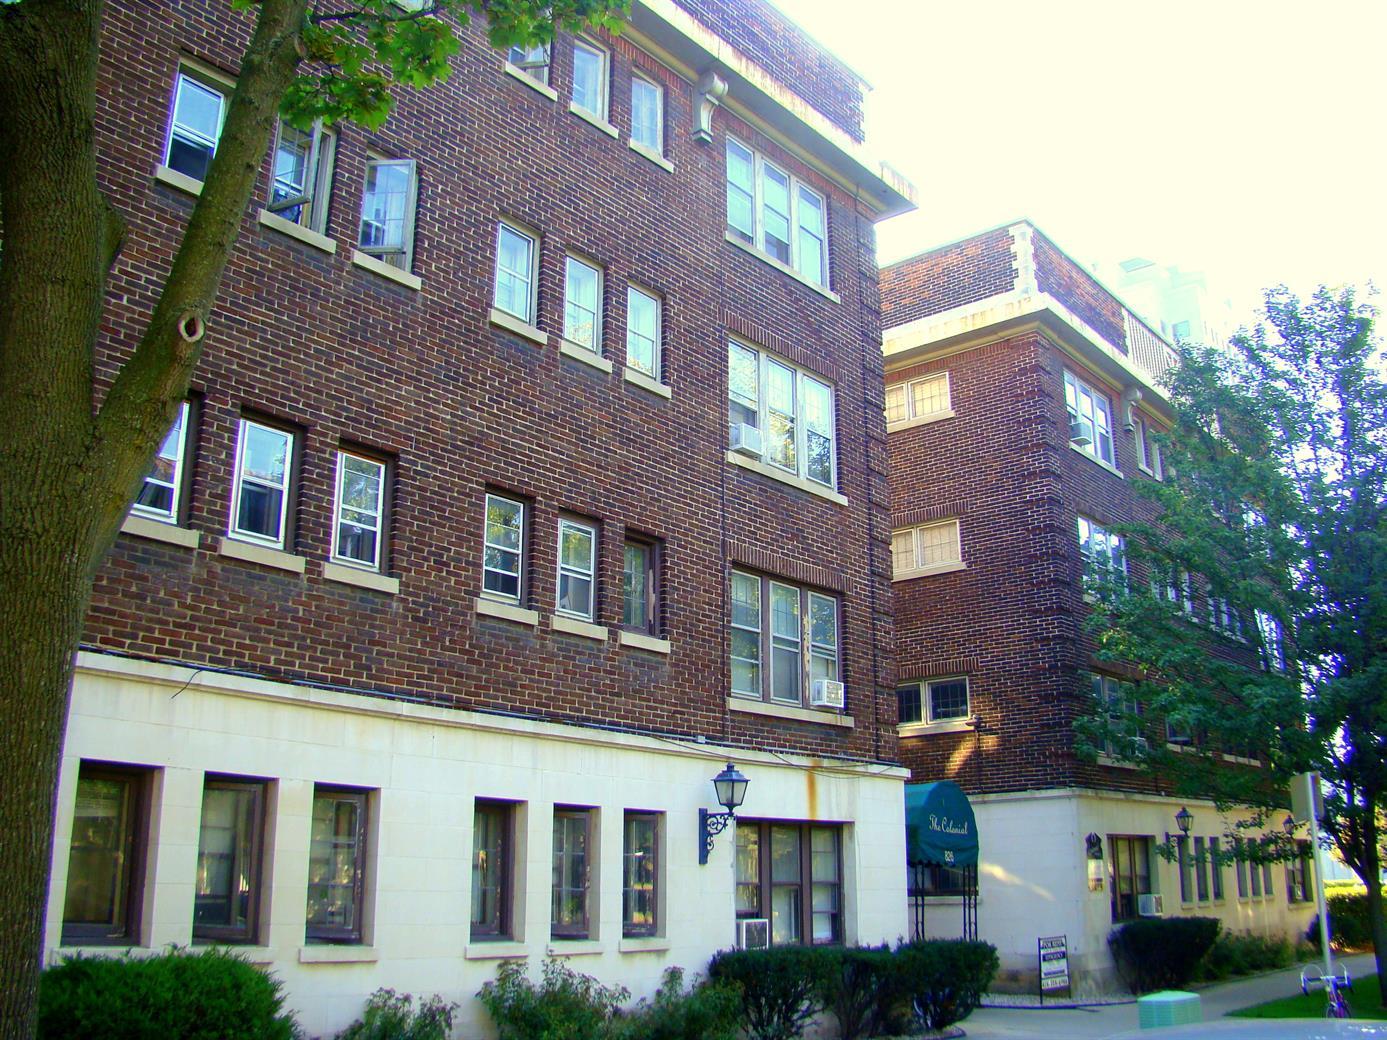 826 N. Cass St.